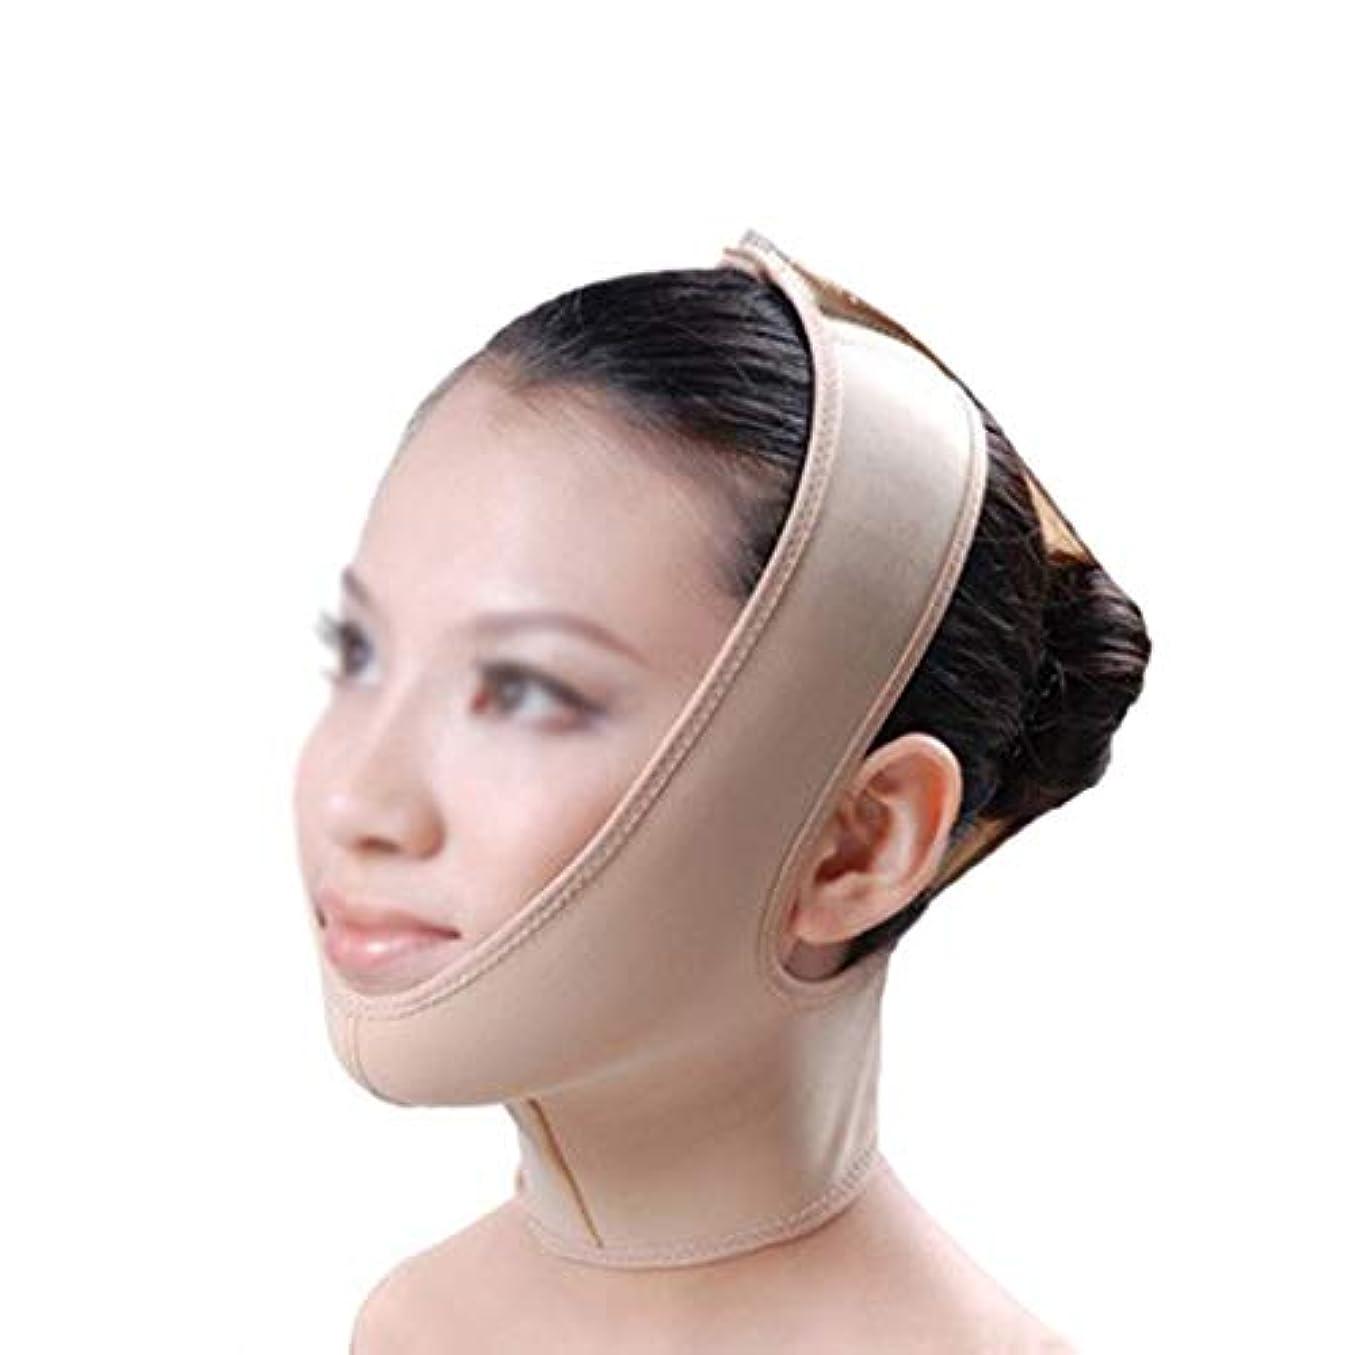 啓示なのでチーターダブルチンストラップ、包帯リフト、引き締めフェイシャルリフト、フェイシャル減量マスク、リフティングスキン包帯,男性と女性の両方が使用できます (Size : M)